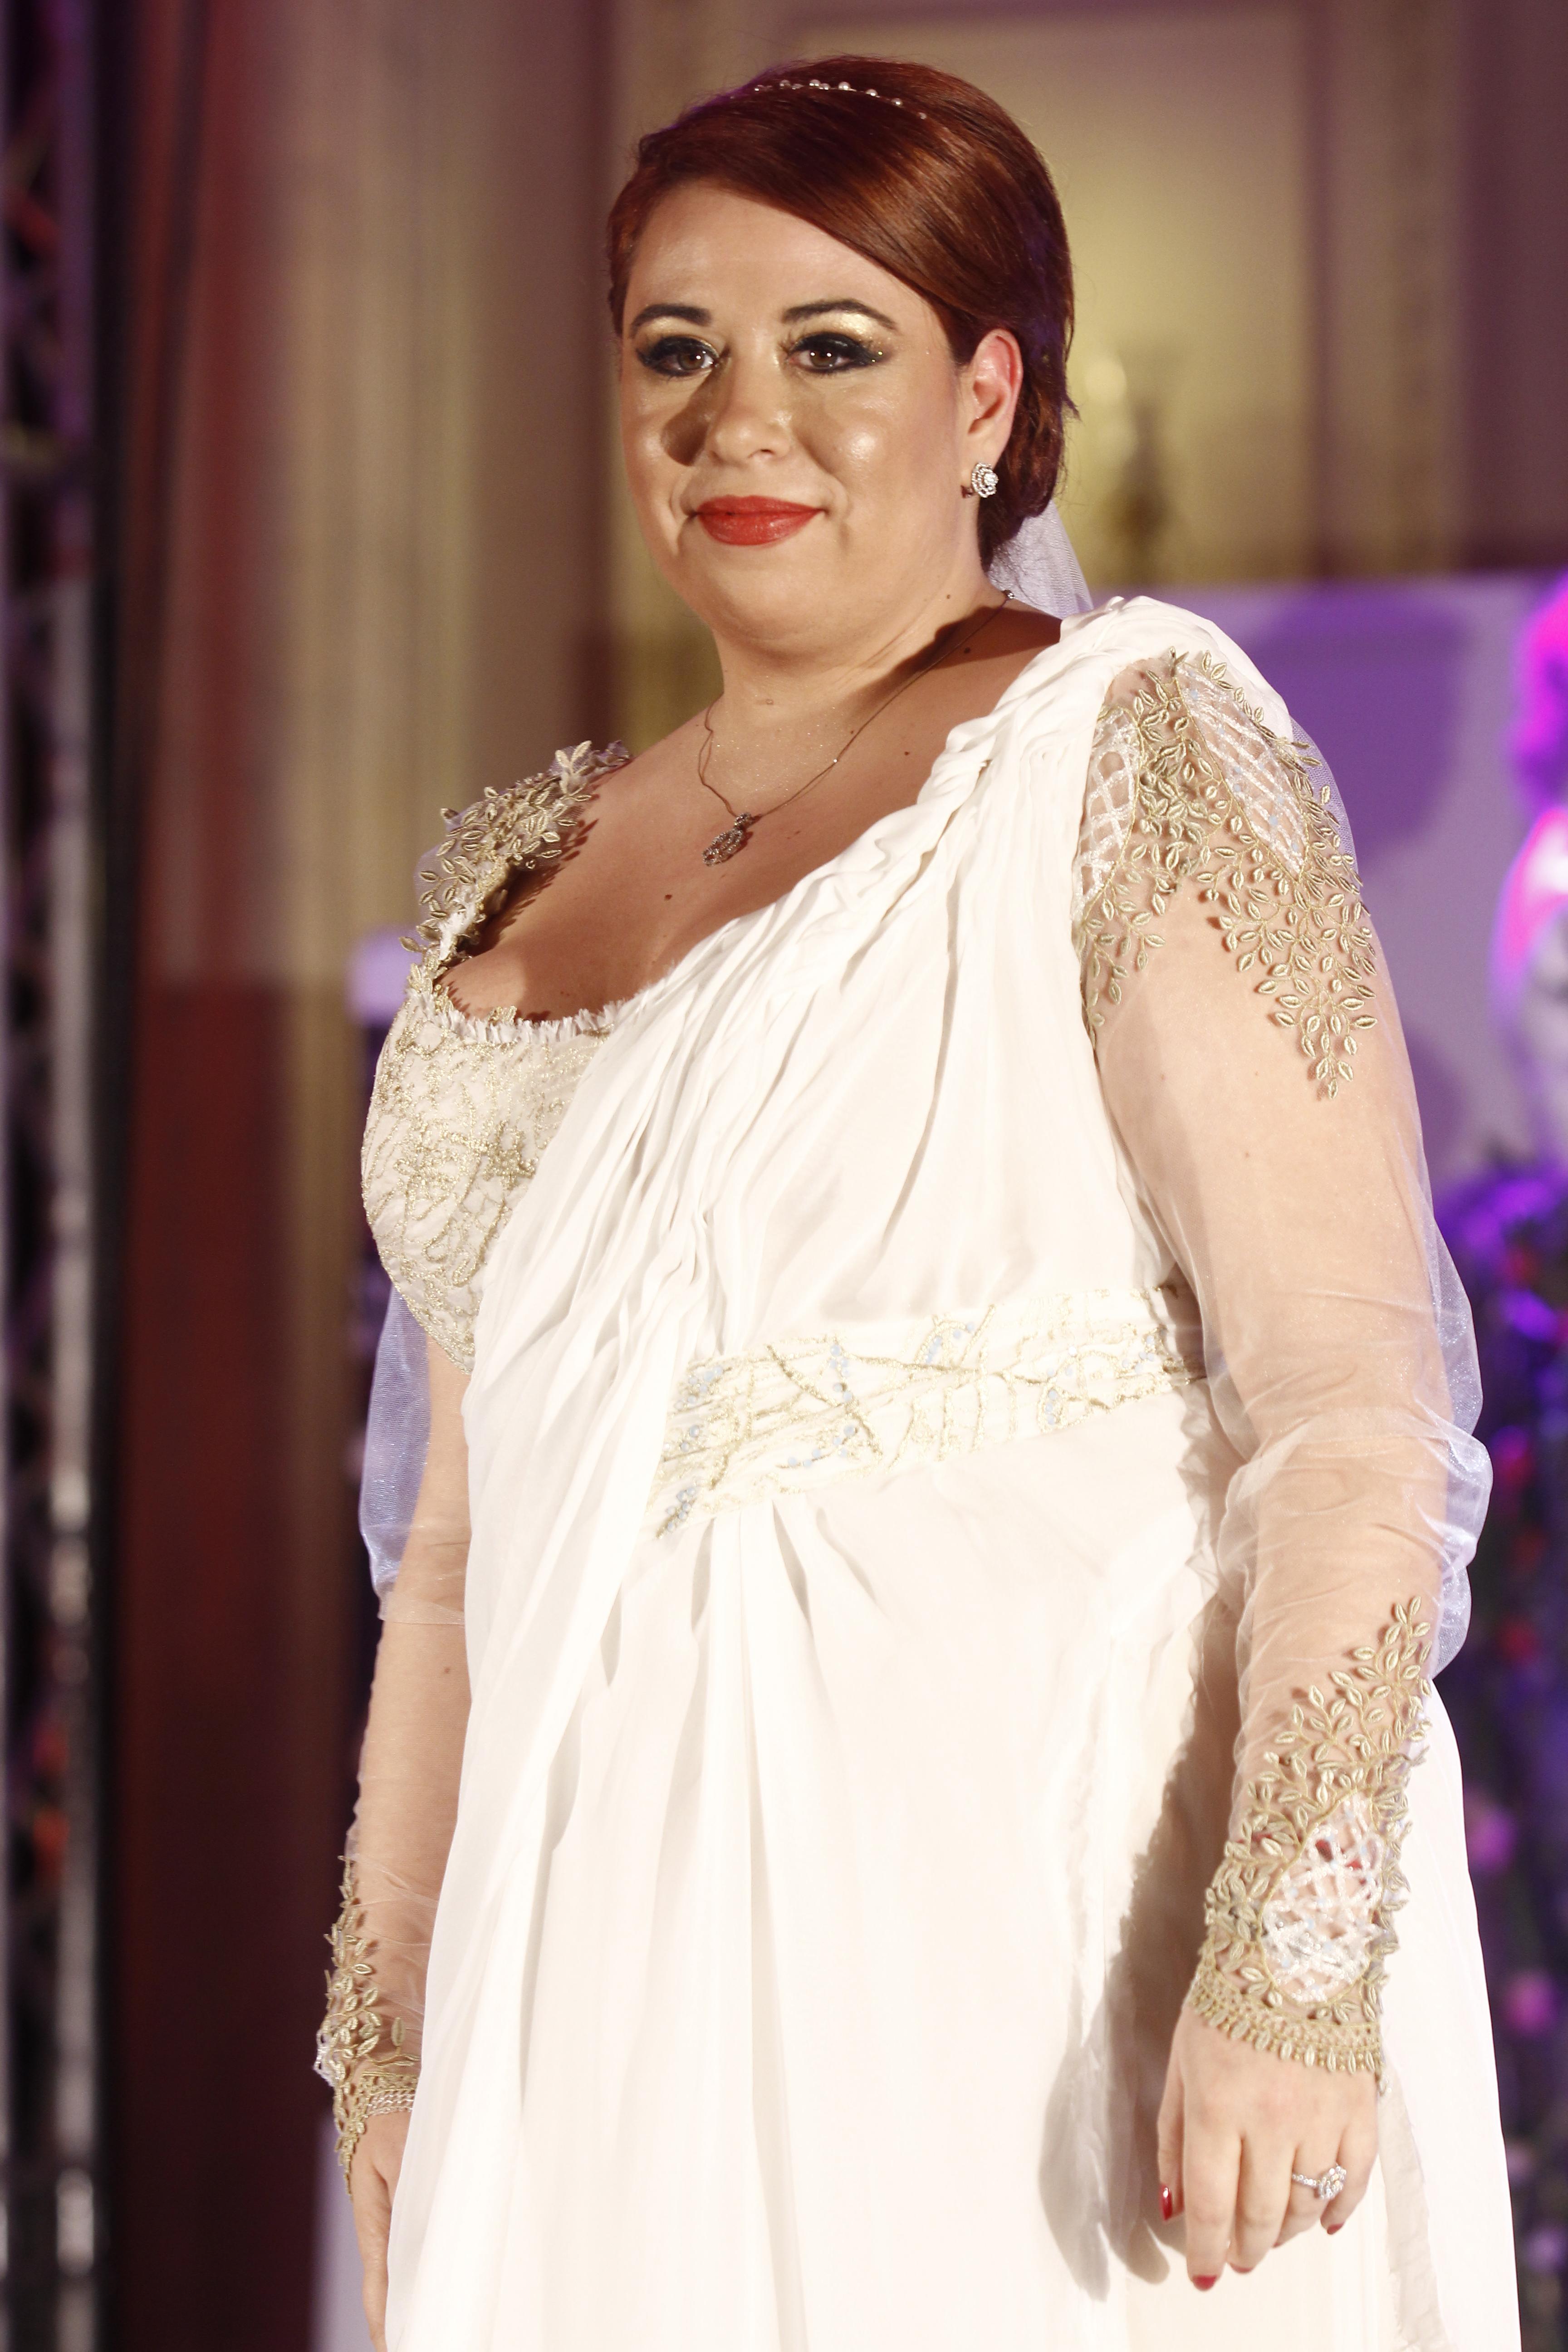 Fiica lui petre Roman a imbracat rochia de mireasa la o prezentare de moda in scop caritabil